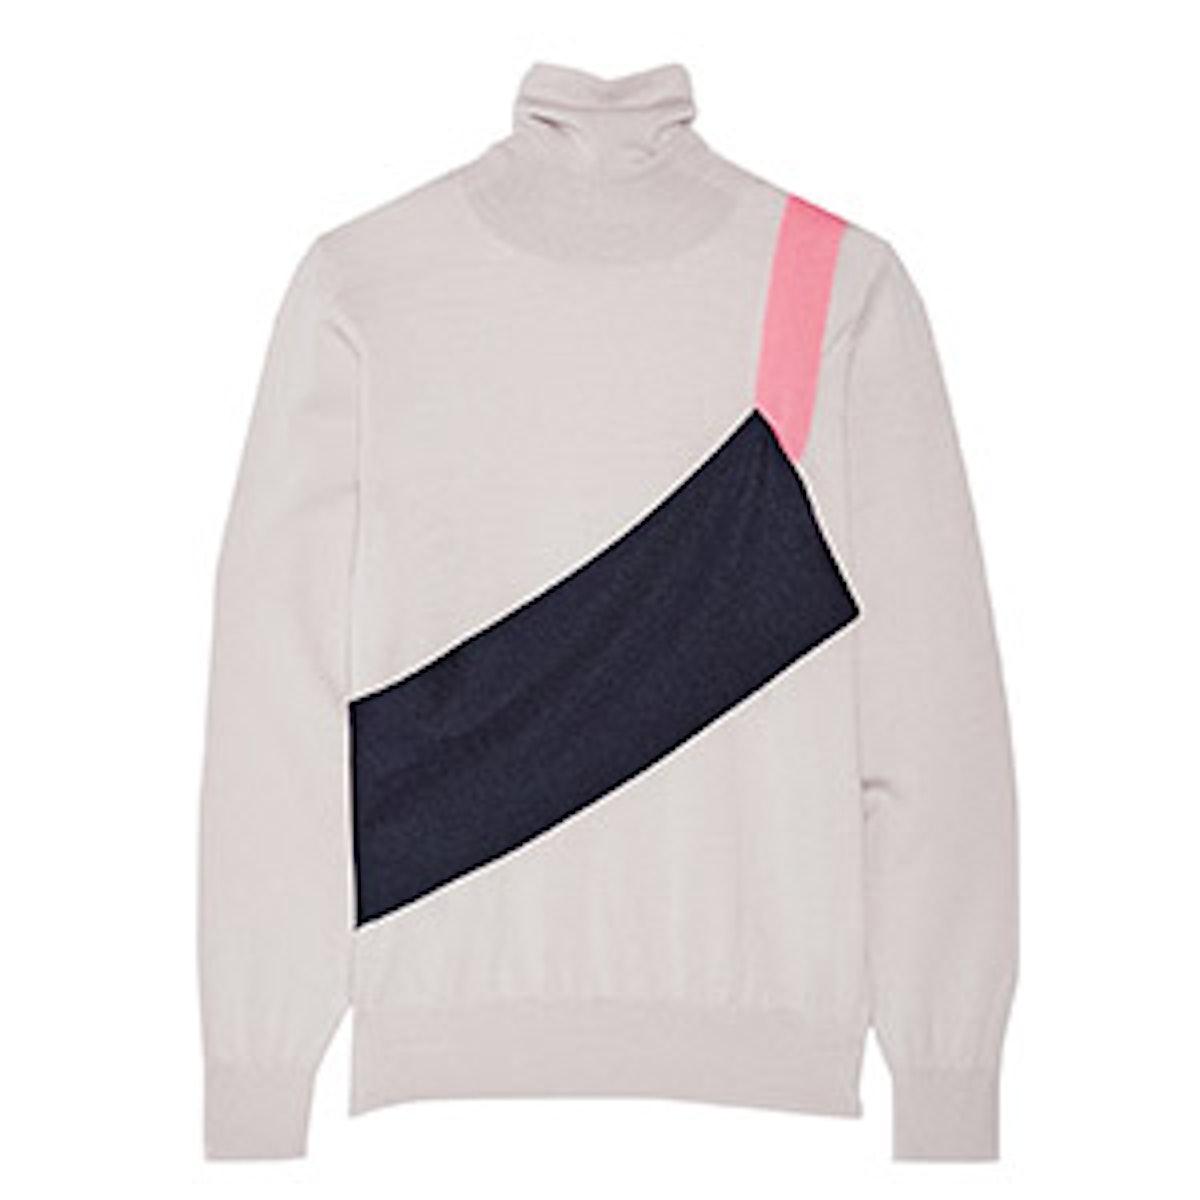 Wool-Blend Jersey Turtleneck Sweater